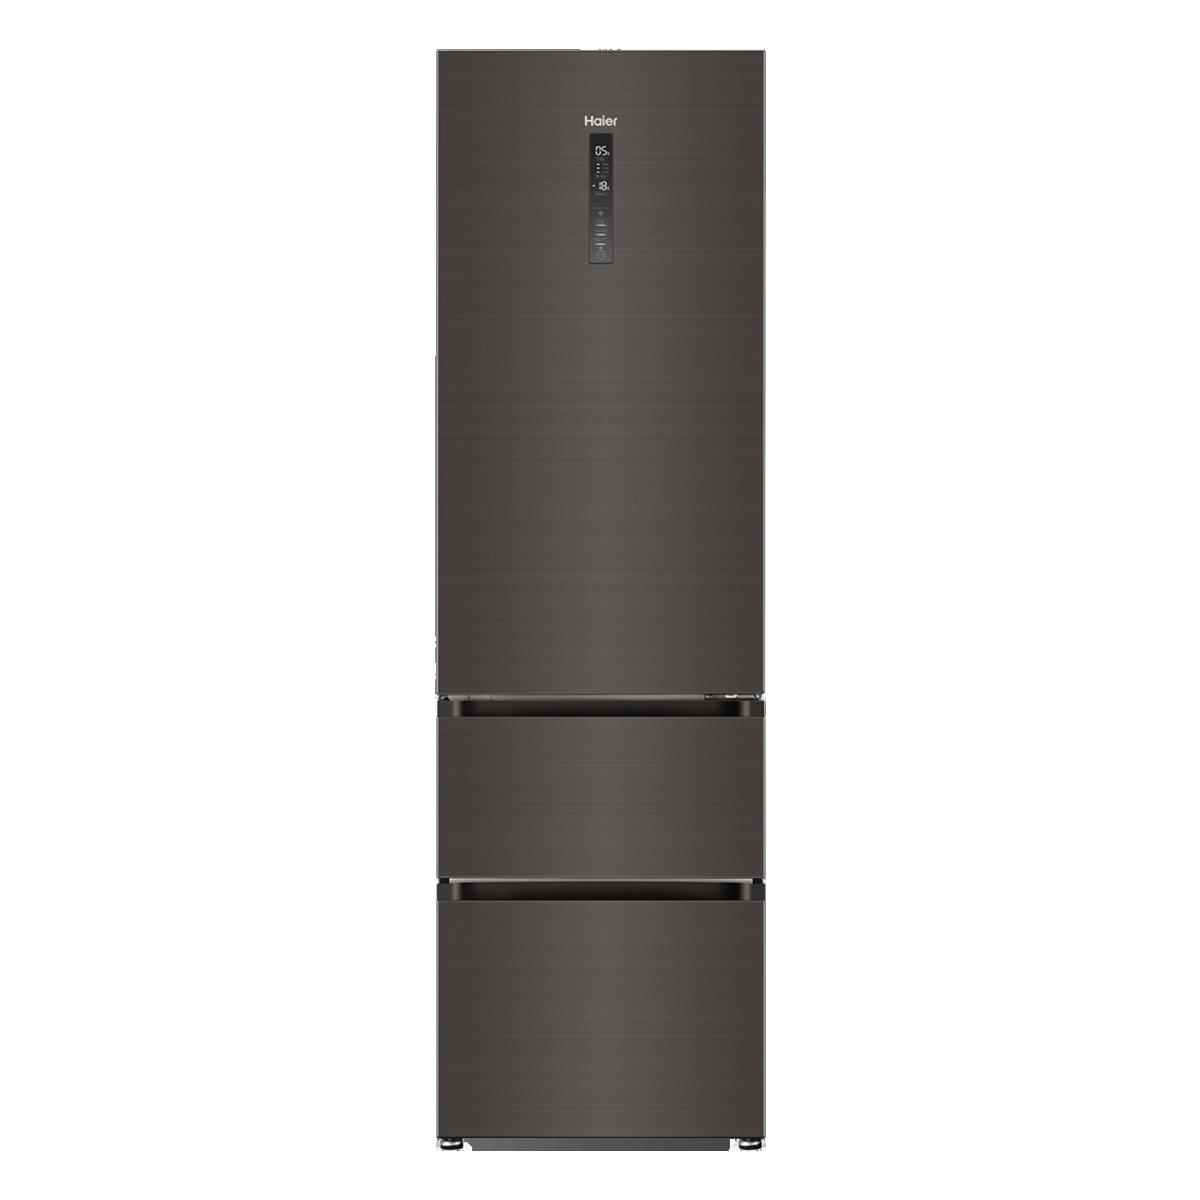 海尔Haier冰箱 BCD-354W(A3FE837CZJ) 说明书